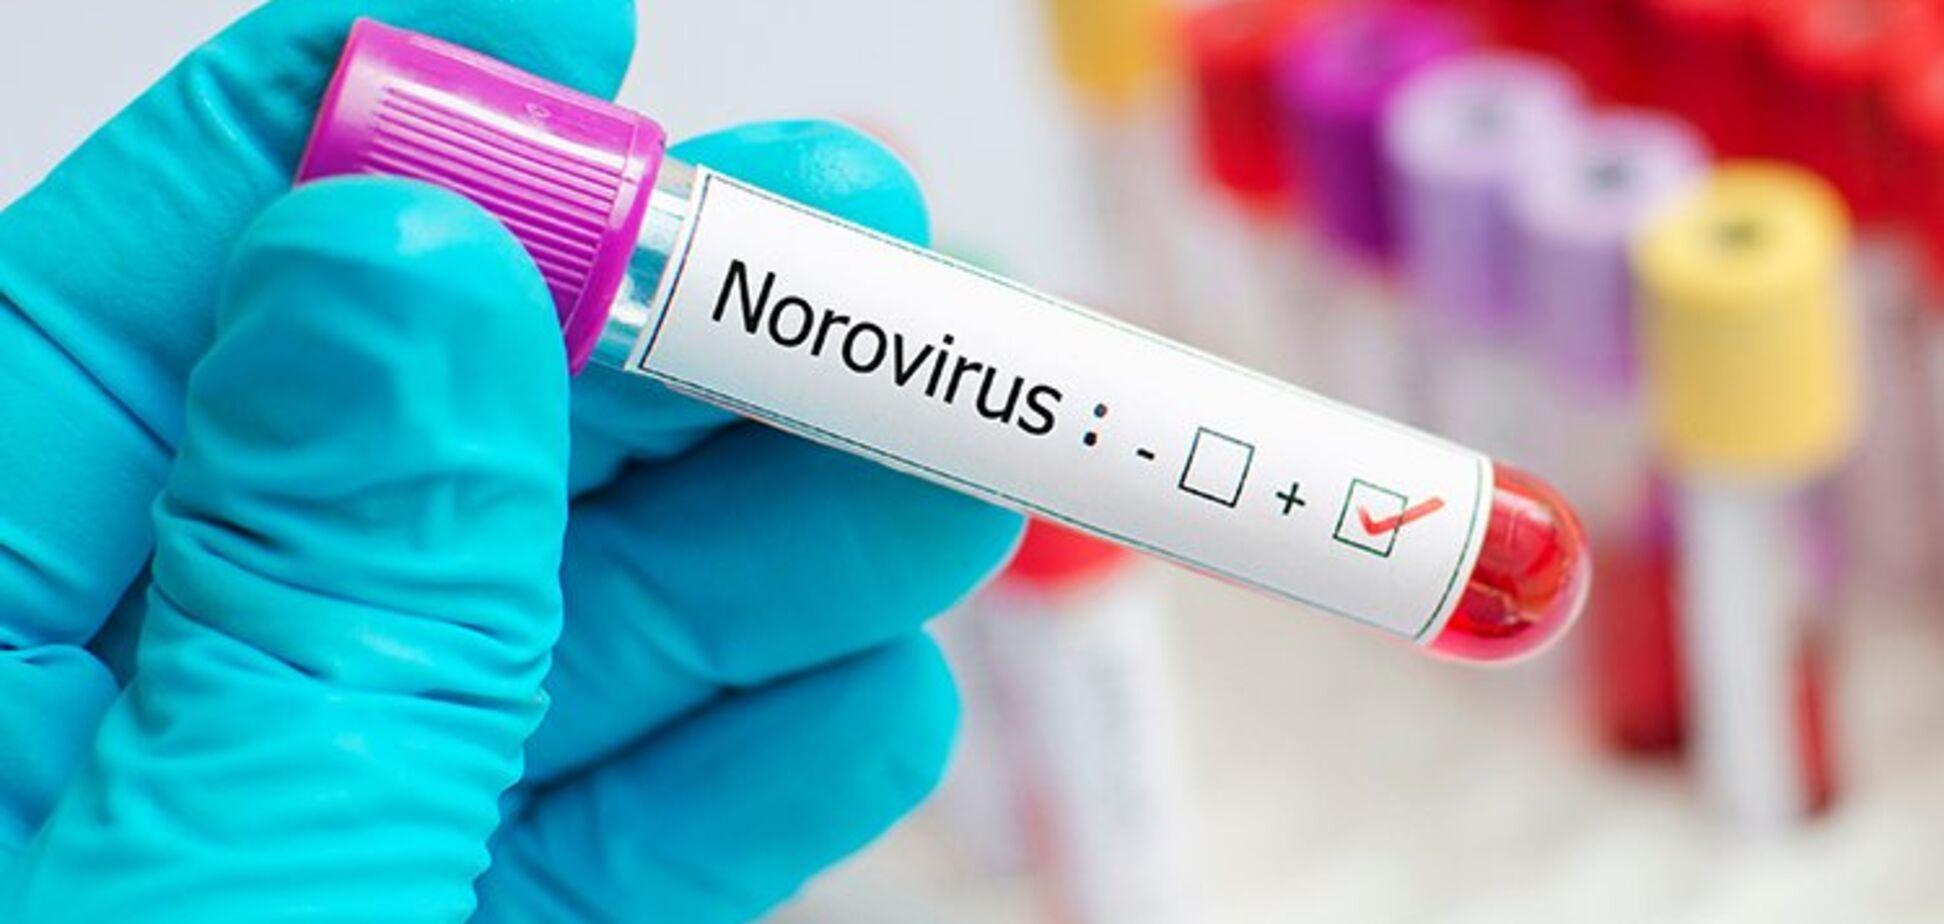 В Украину завезли норовирус из Франции: чем опасен